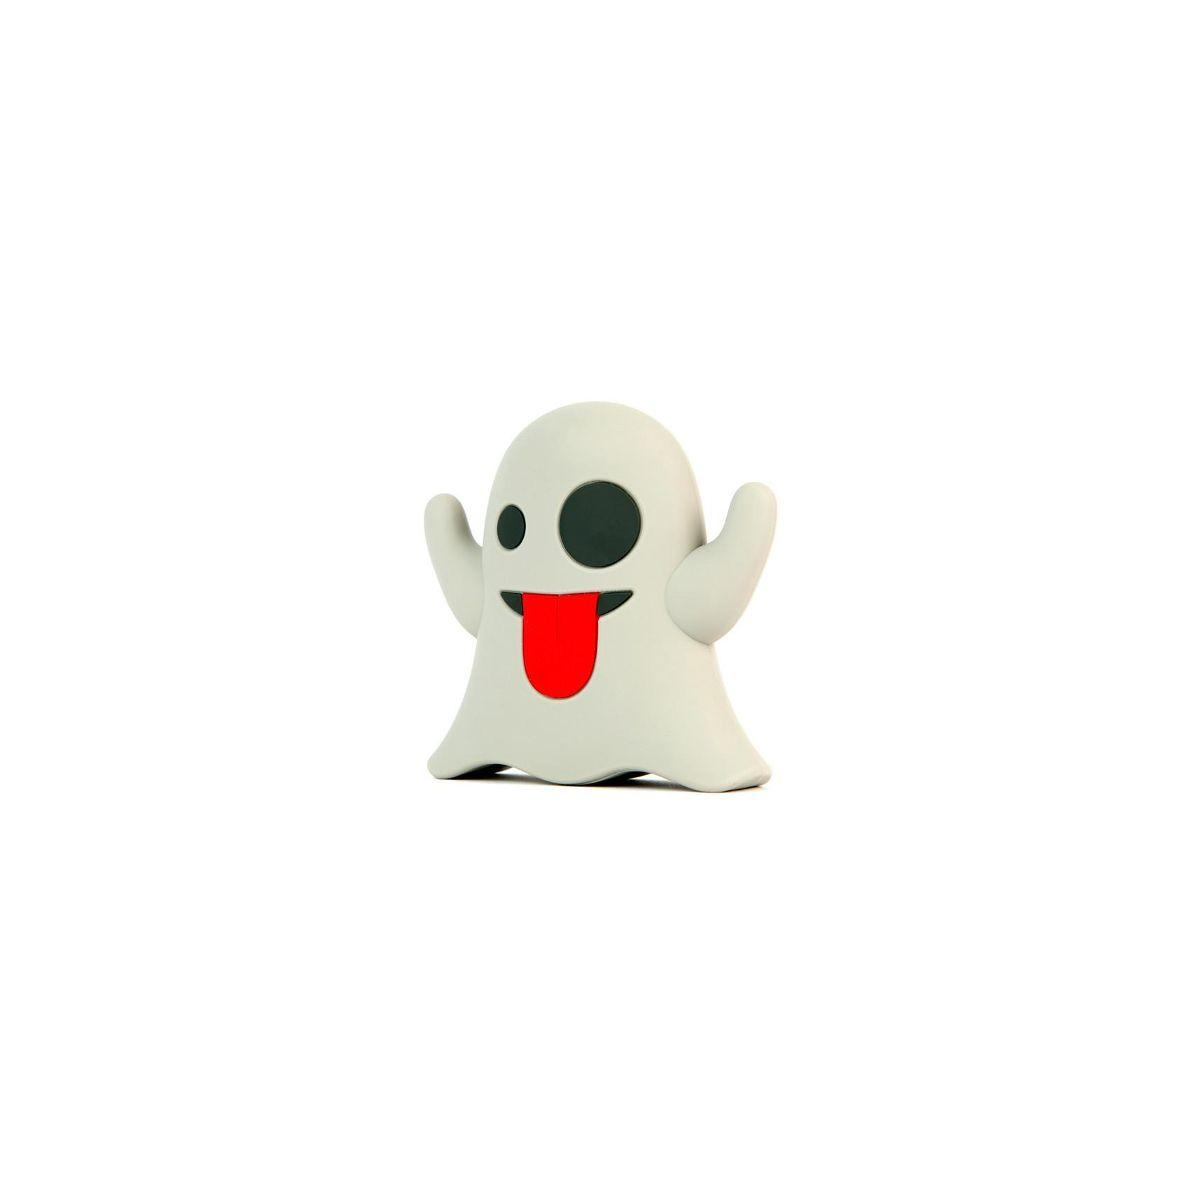 Batterie externe mojipower powerbank 2600 mah emoji fantome - 2% de remise imm�diate avec le code : deal2 (photo)